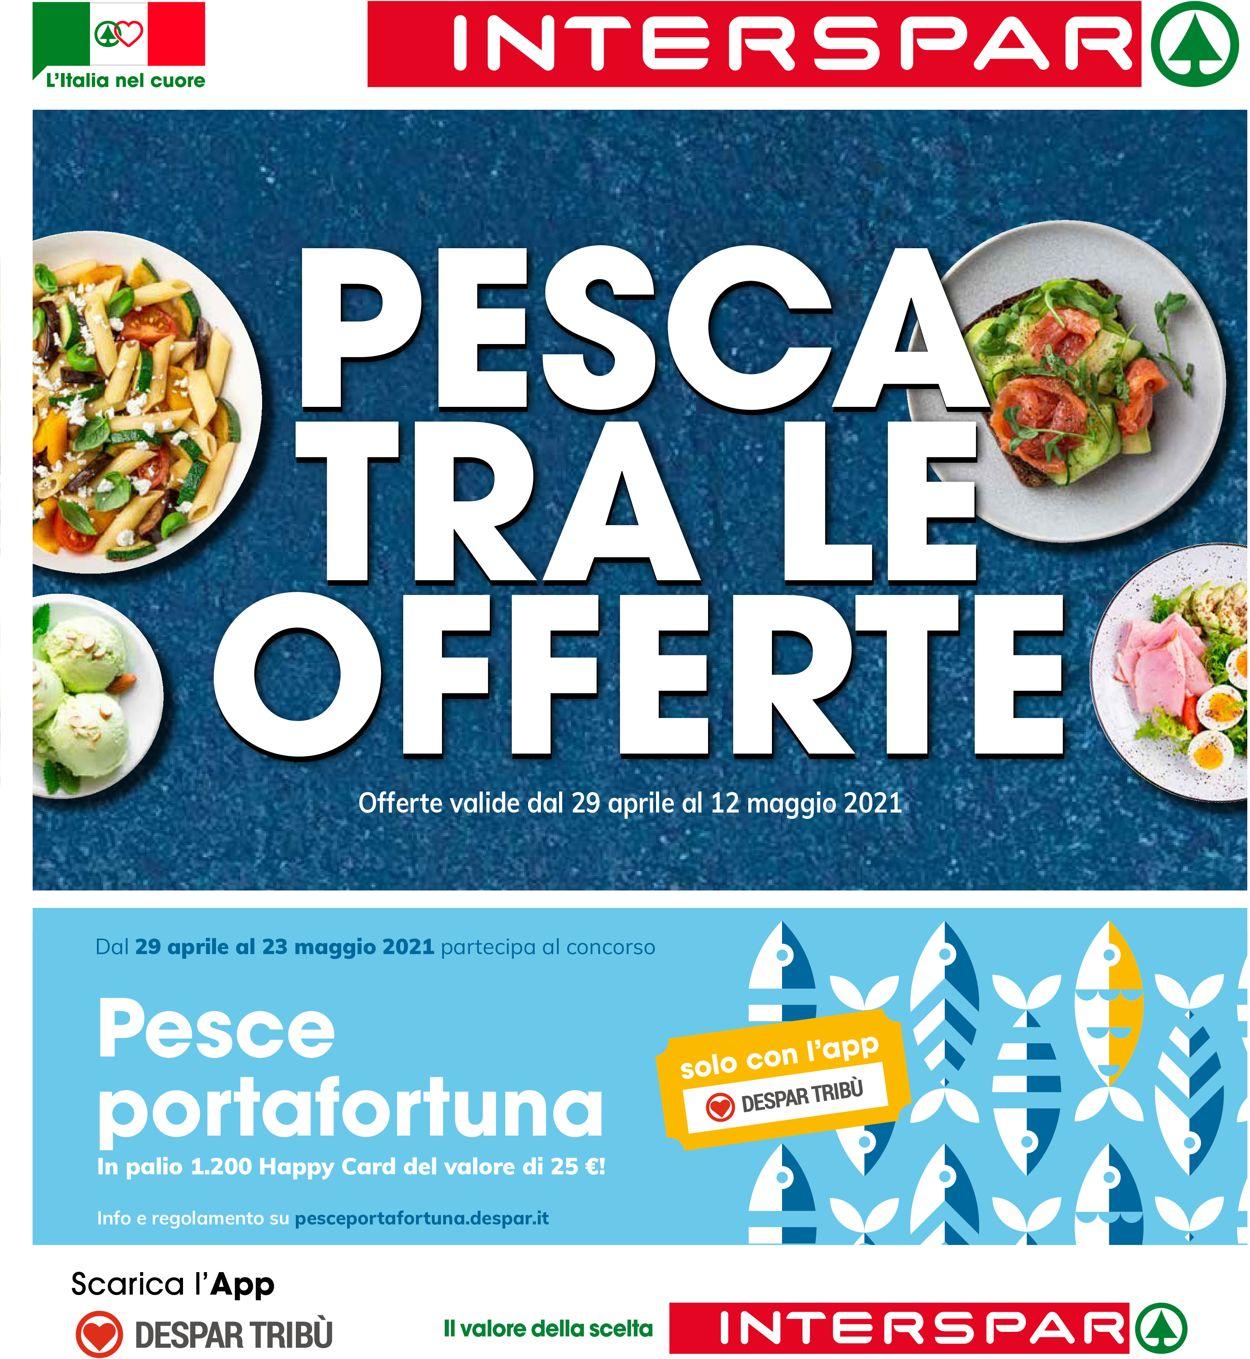 Volantino Interspar - Offerte 29/04-12/05/2021